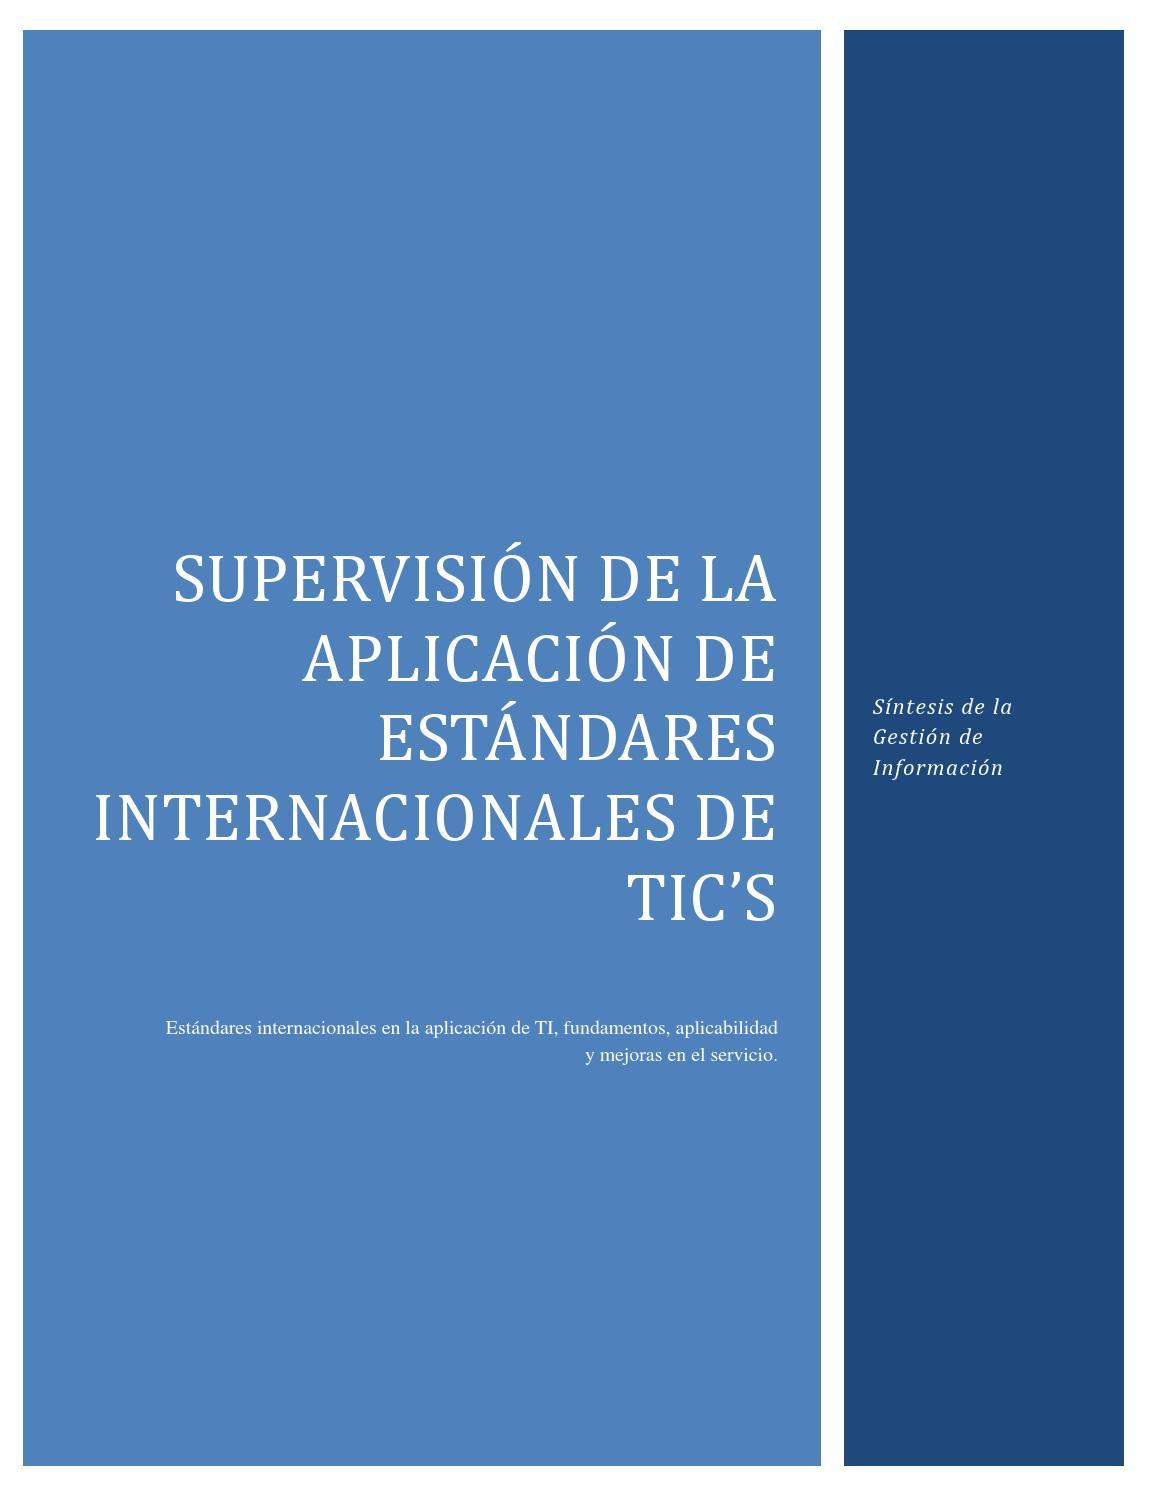 Estándares Internacionales TIC by Teresa Carmen Rodriguez Parada - issuu